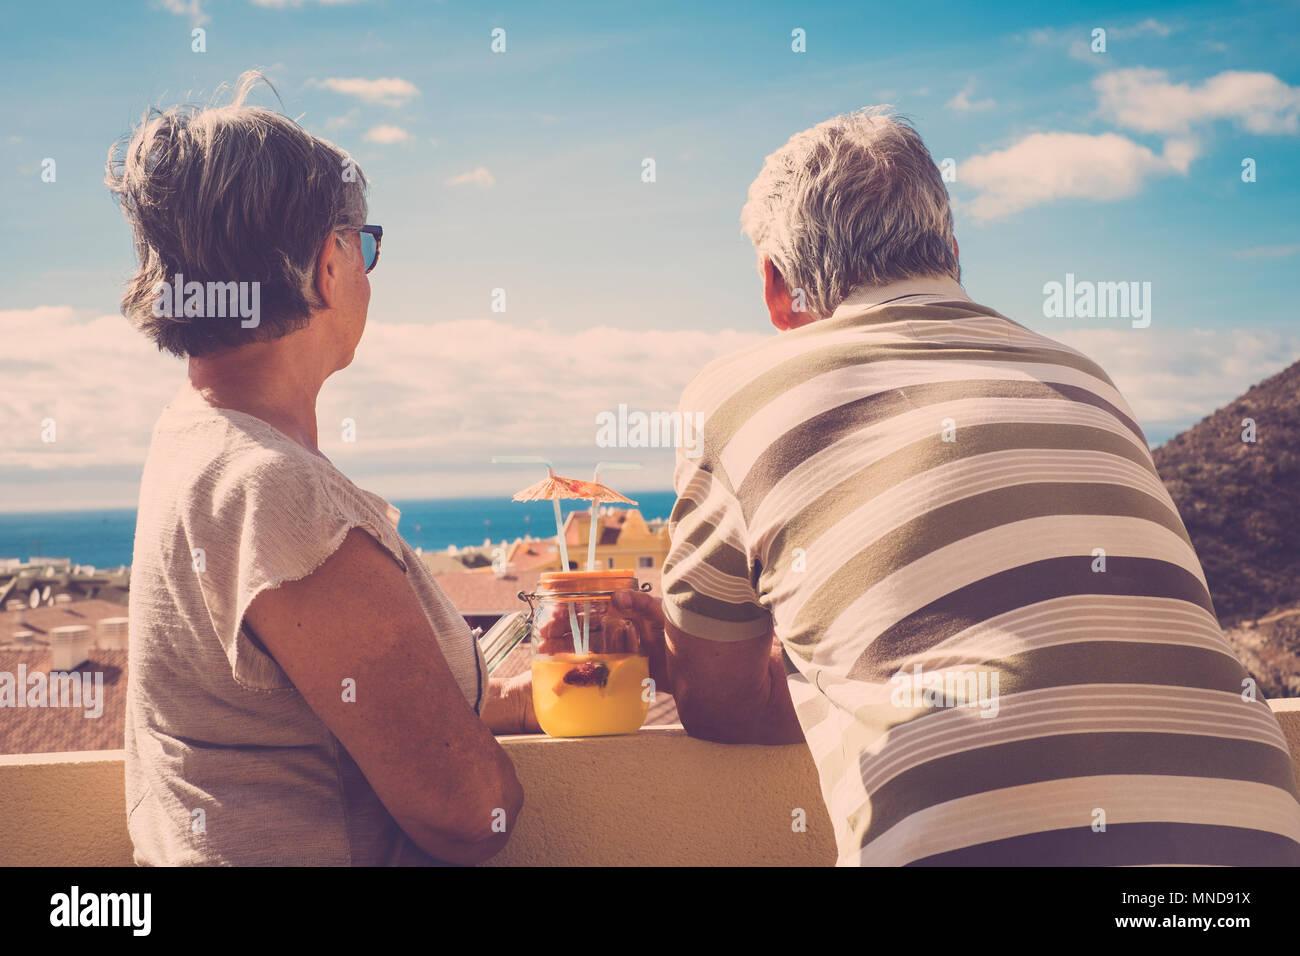 Due anziani uomo e donna guardando insieme la vista dell'oceano in vacanza. Vista posteriore con tetti in stile vintage. Immagini Stock